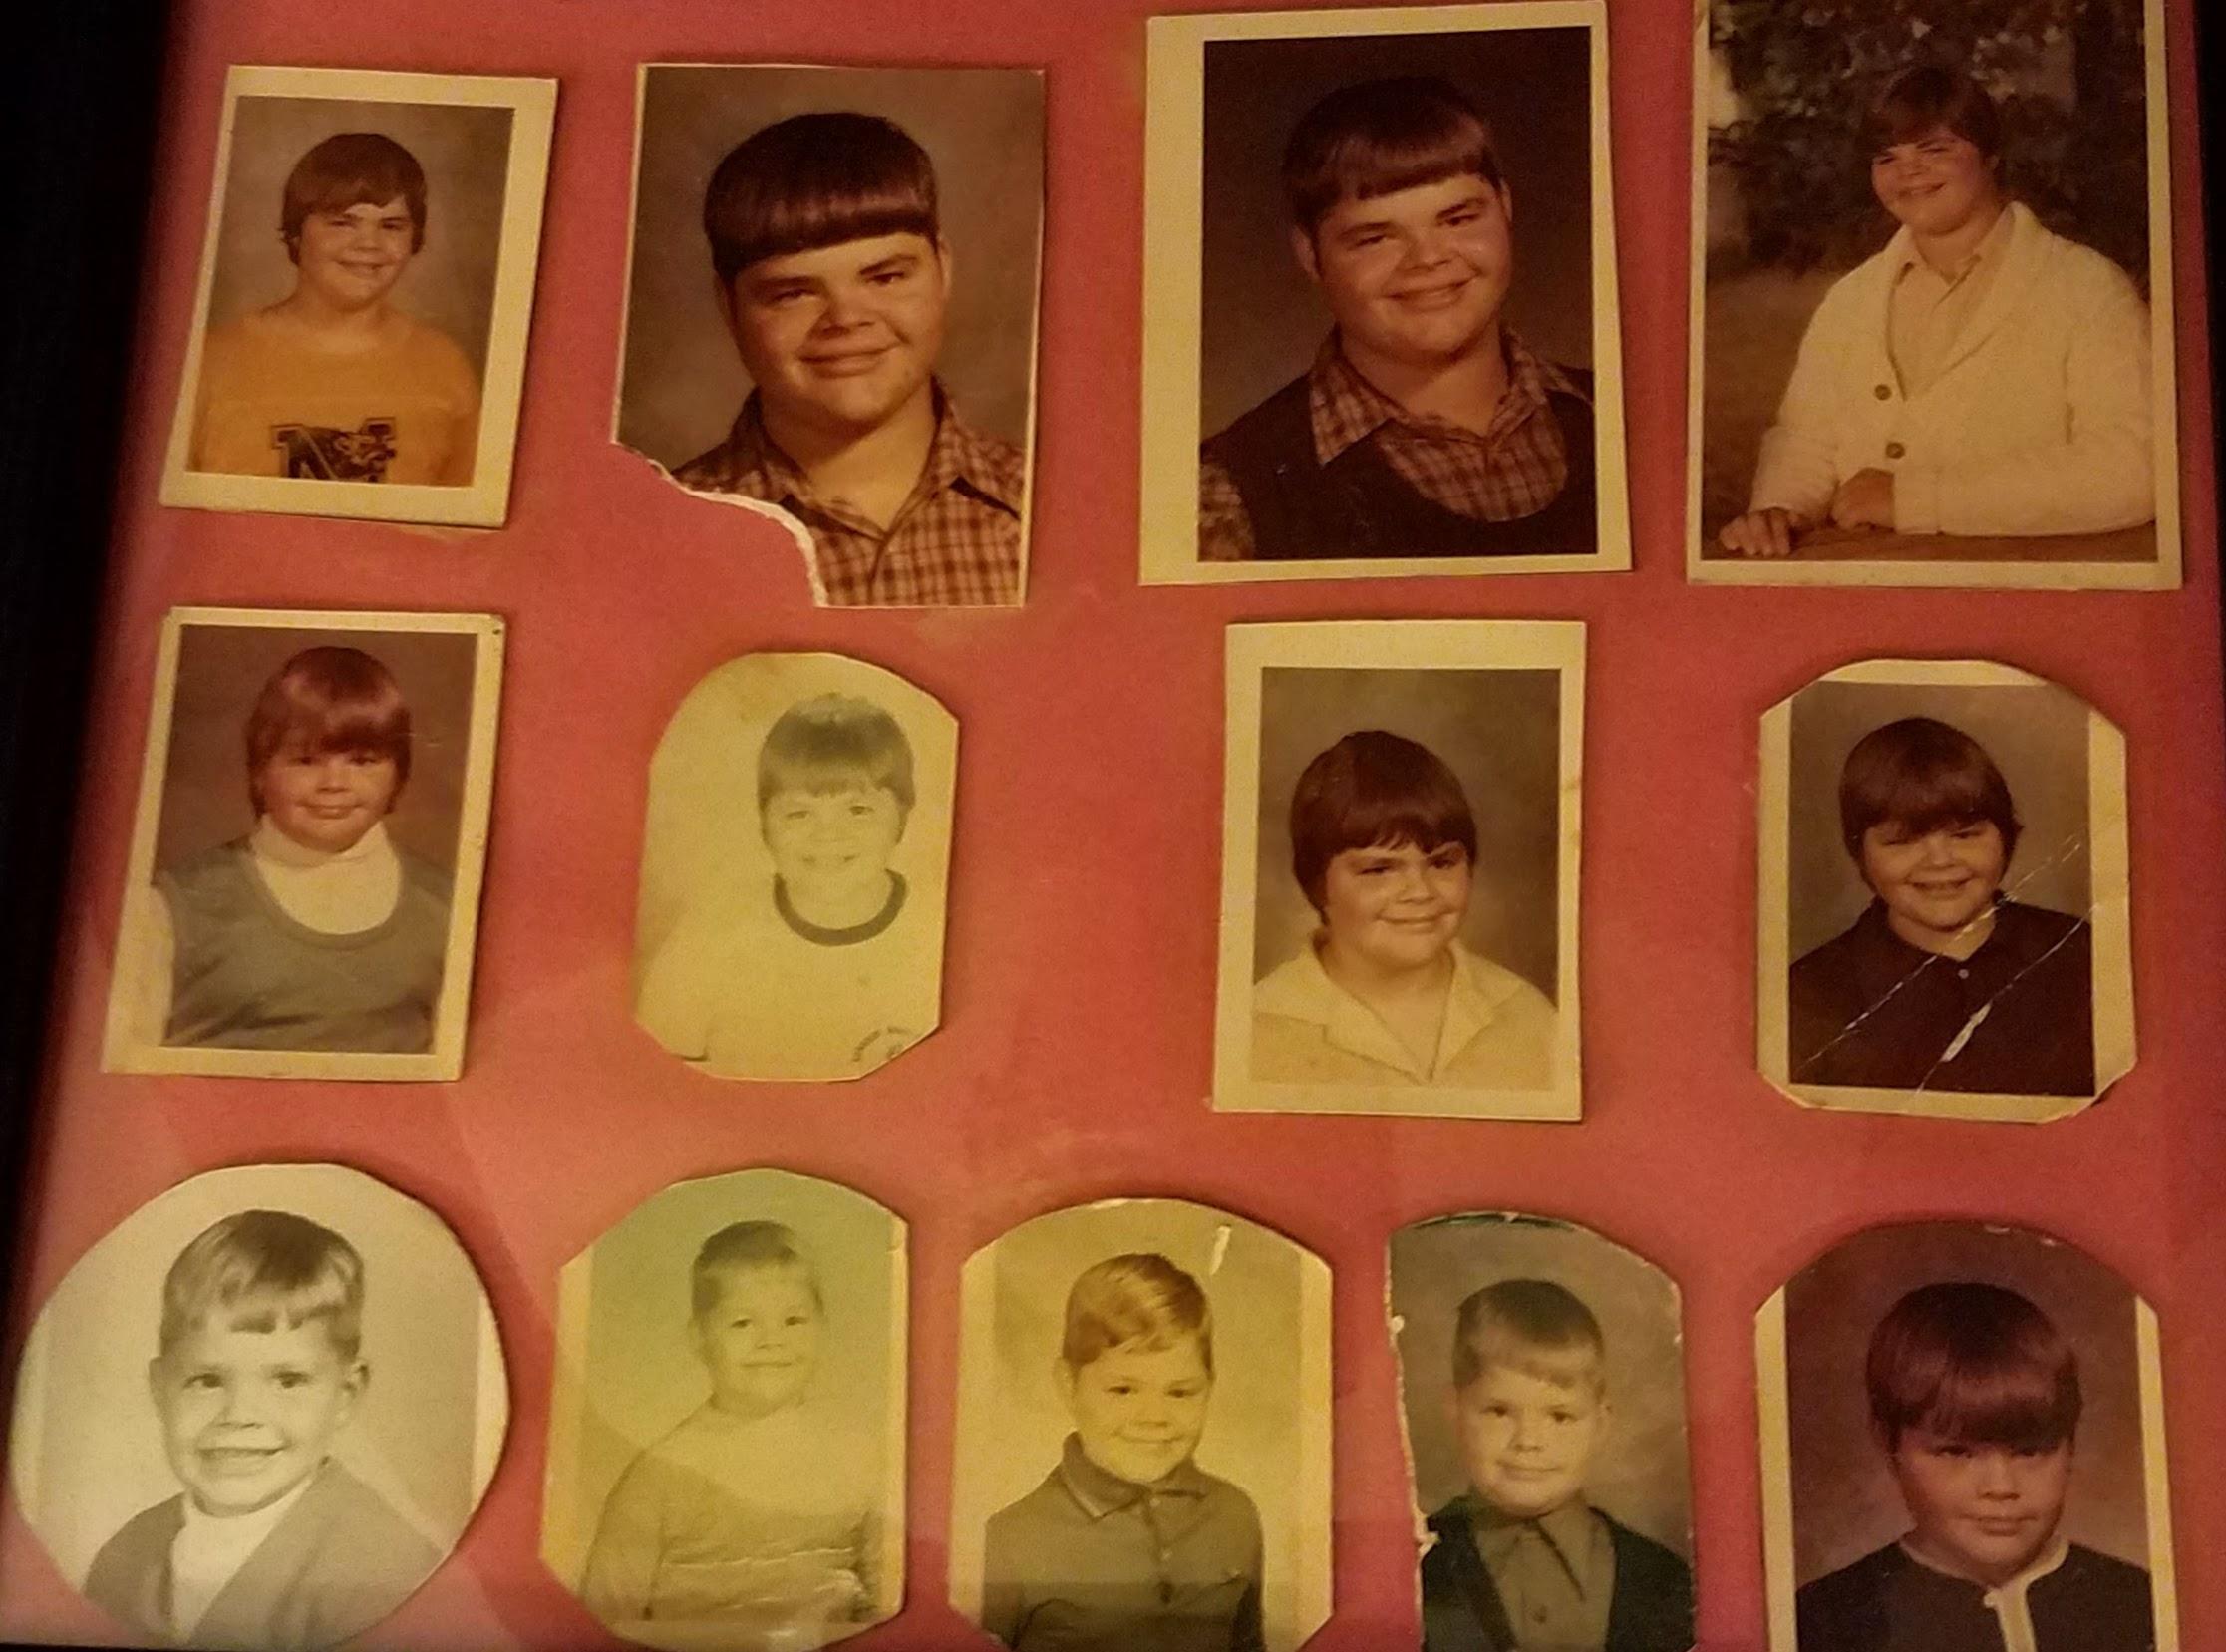 Jeff school photo collage 20180206_190706~2